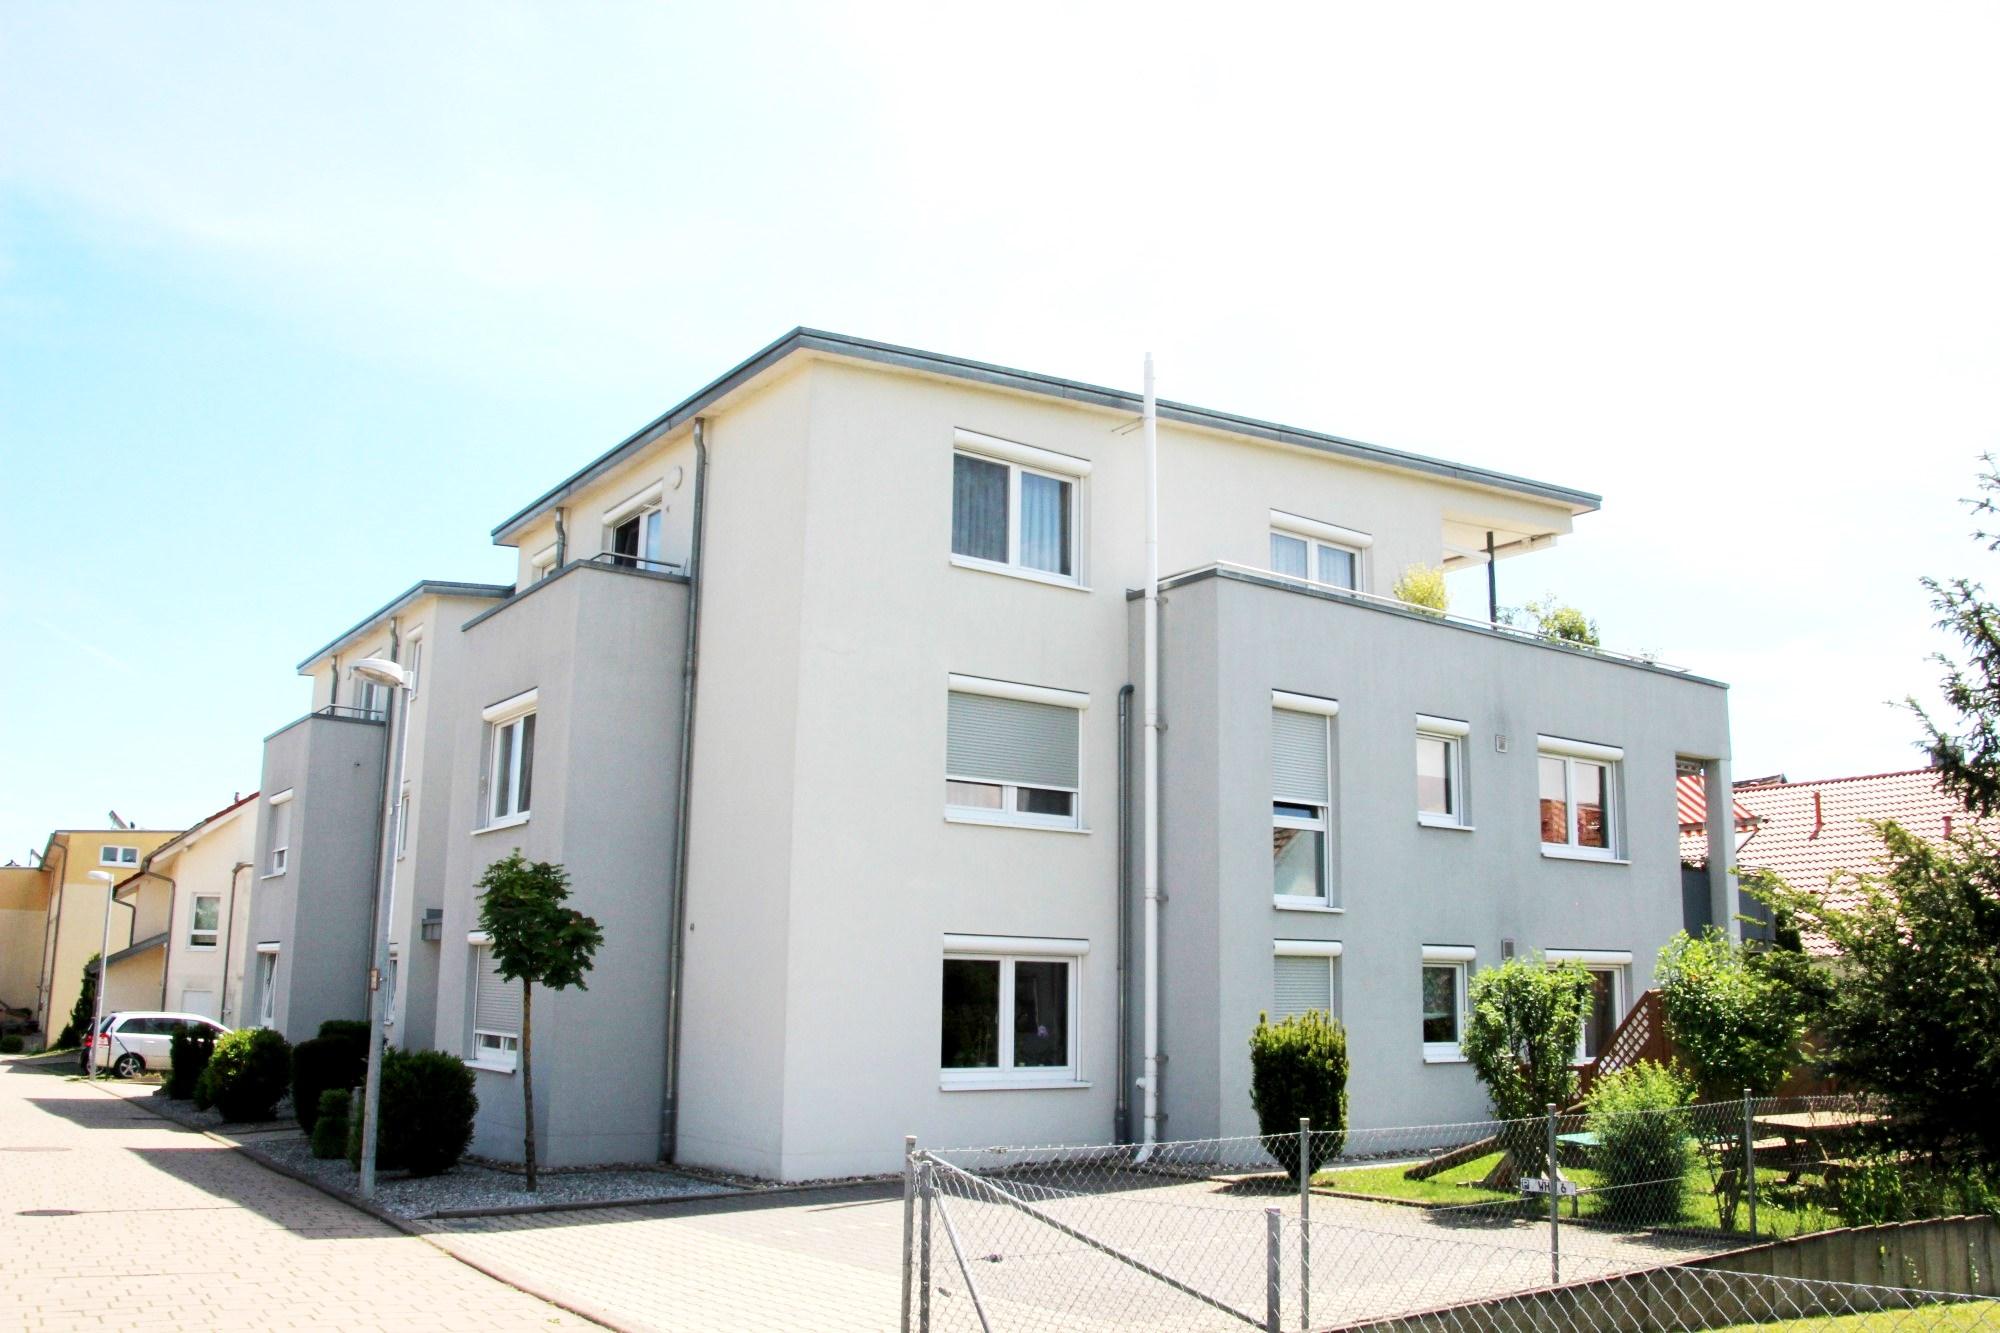 2009 | 9-Familienhaus Tannenweg in Sindelfingen-Maichingen, Architekt Dipl. Ing. U. Gehrer